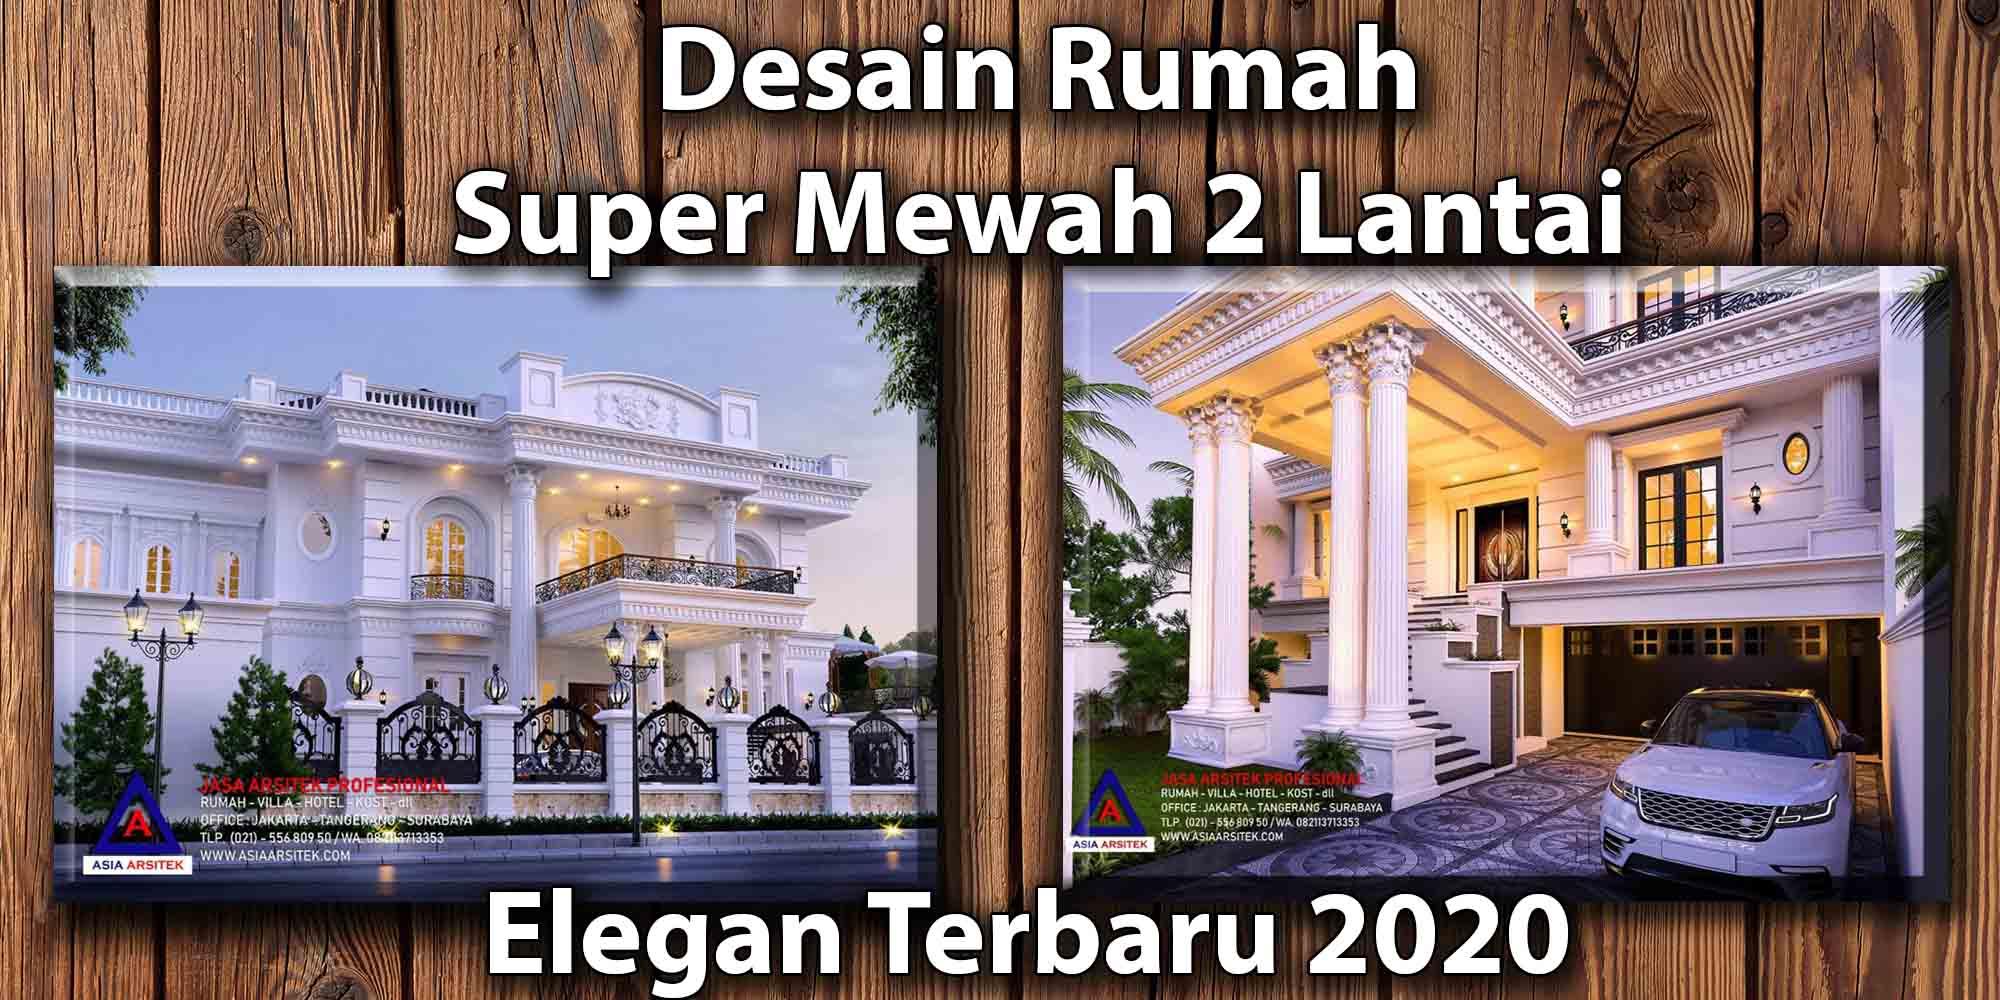 Desain Rumah Super Mewah 2 Lantai Elegan Terbaru 2020 Asia Arsitek